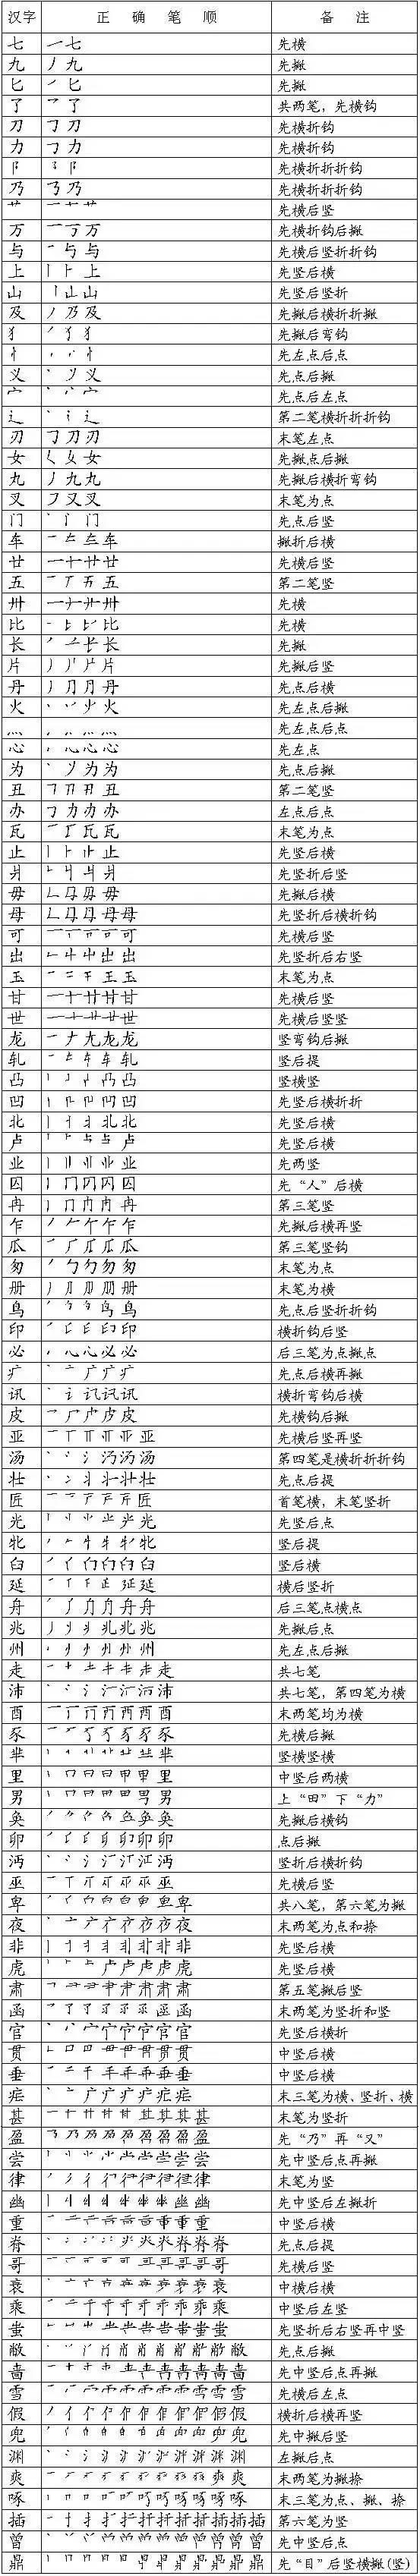 去的笔顺笔画顺序图-生会写错的汉字笔顺及正确写法,拿走 年度精选